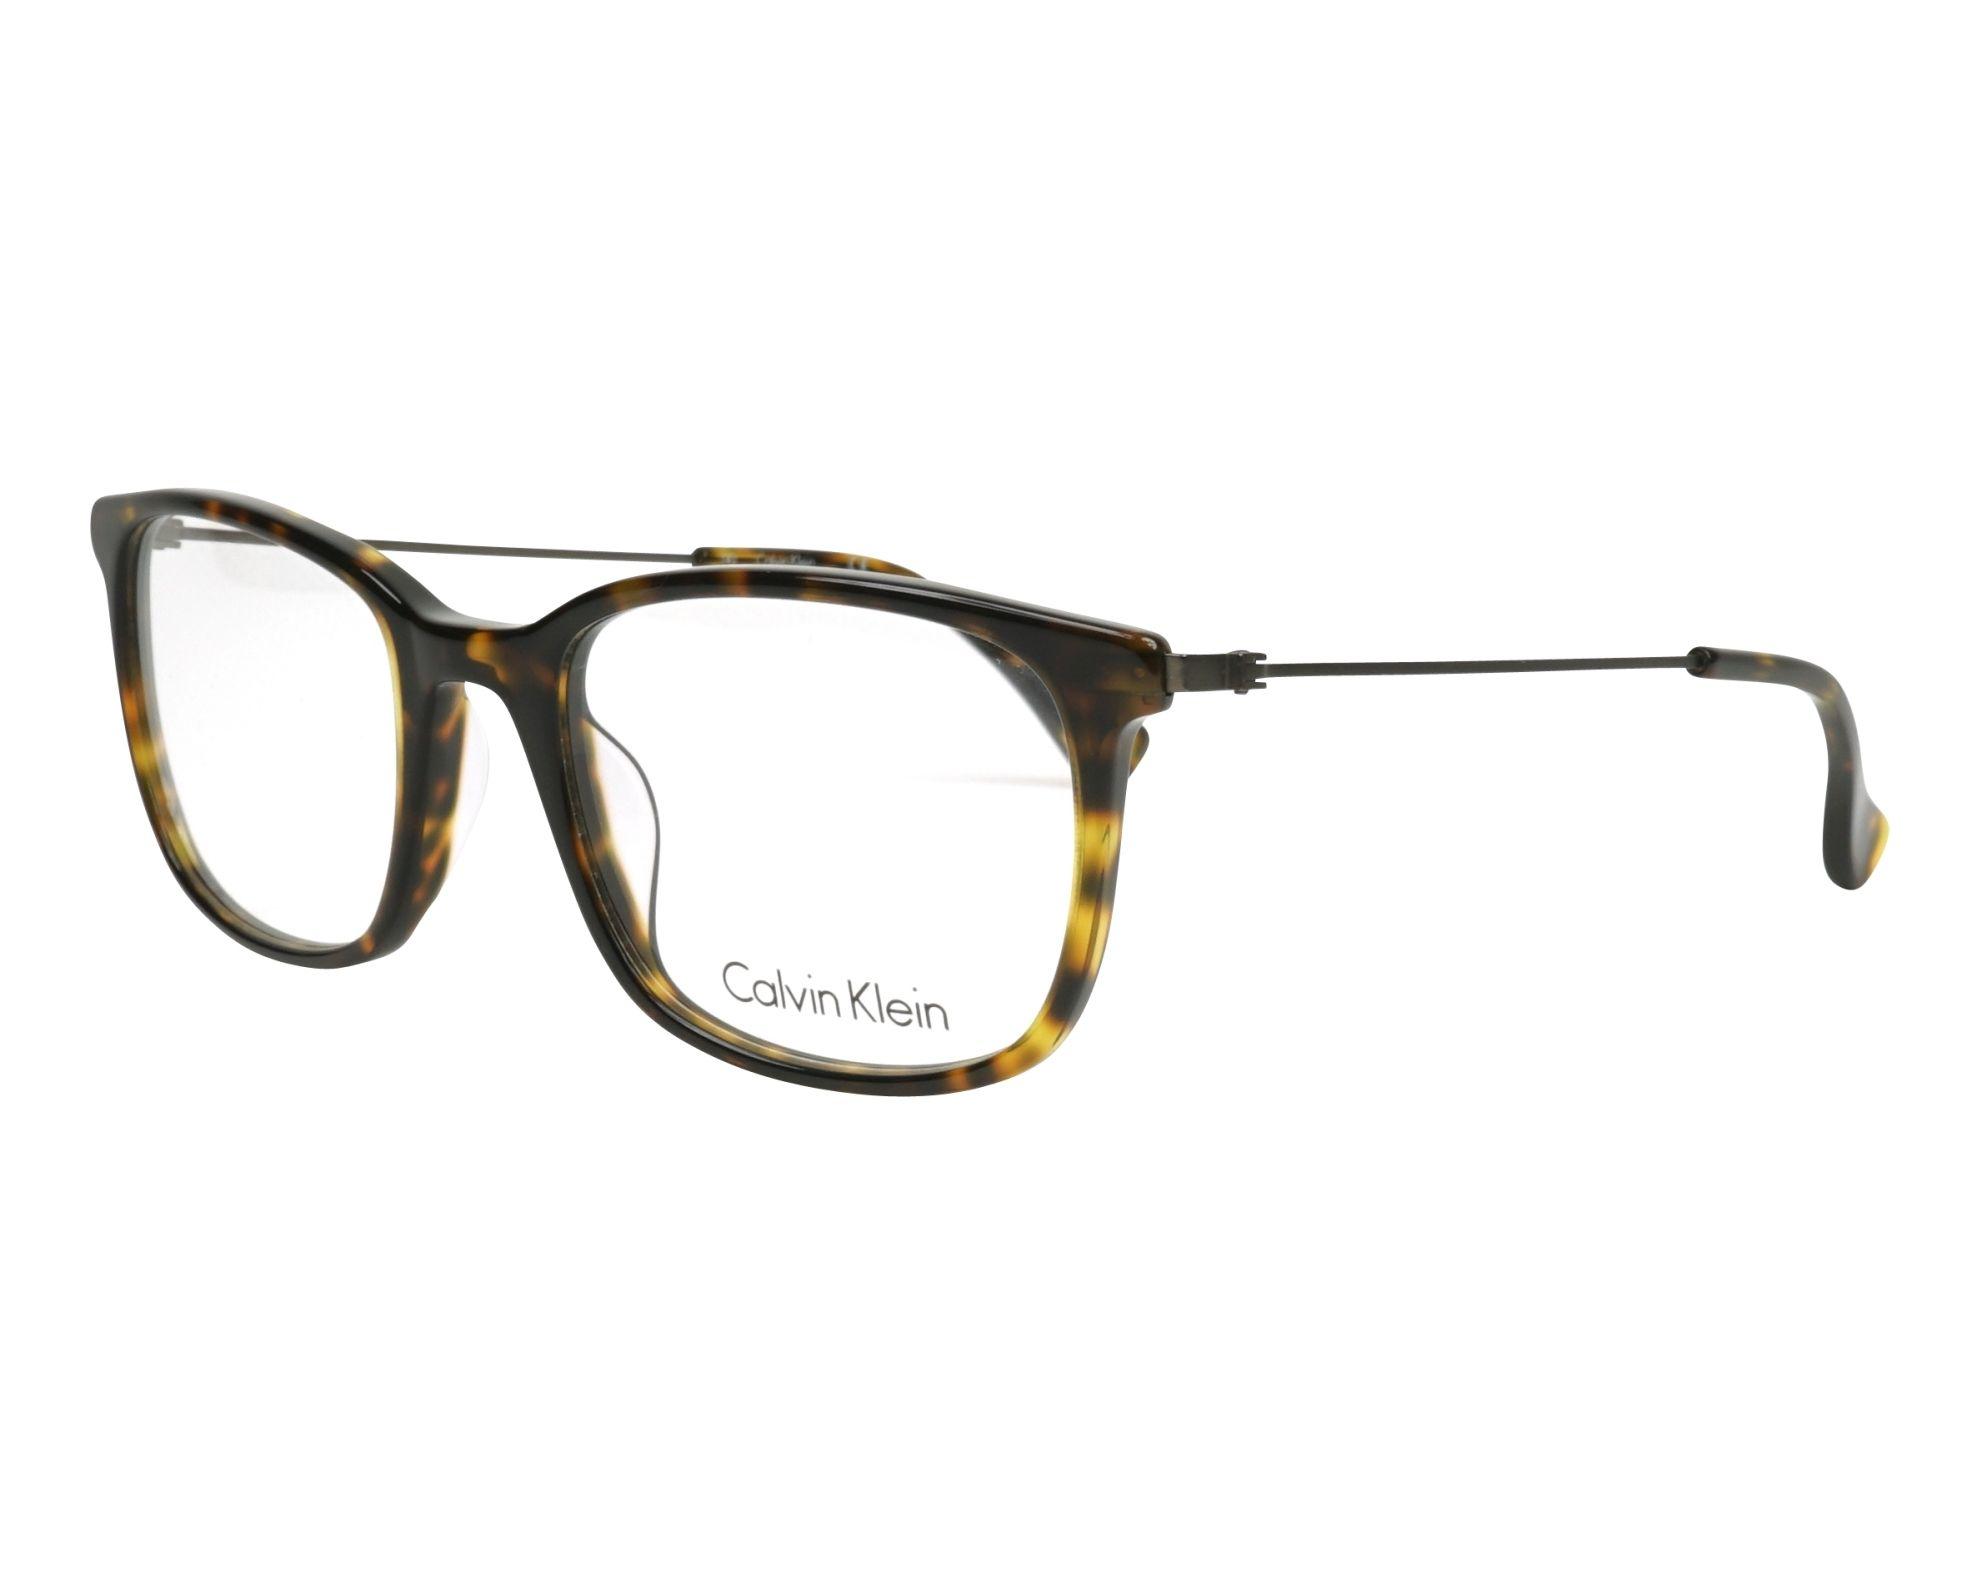 Calvin Klein Brille » CK5929«, schwarz, 001 - schwarz